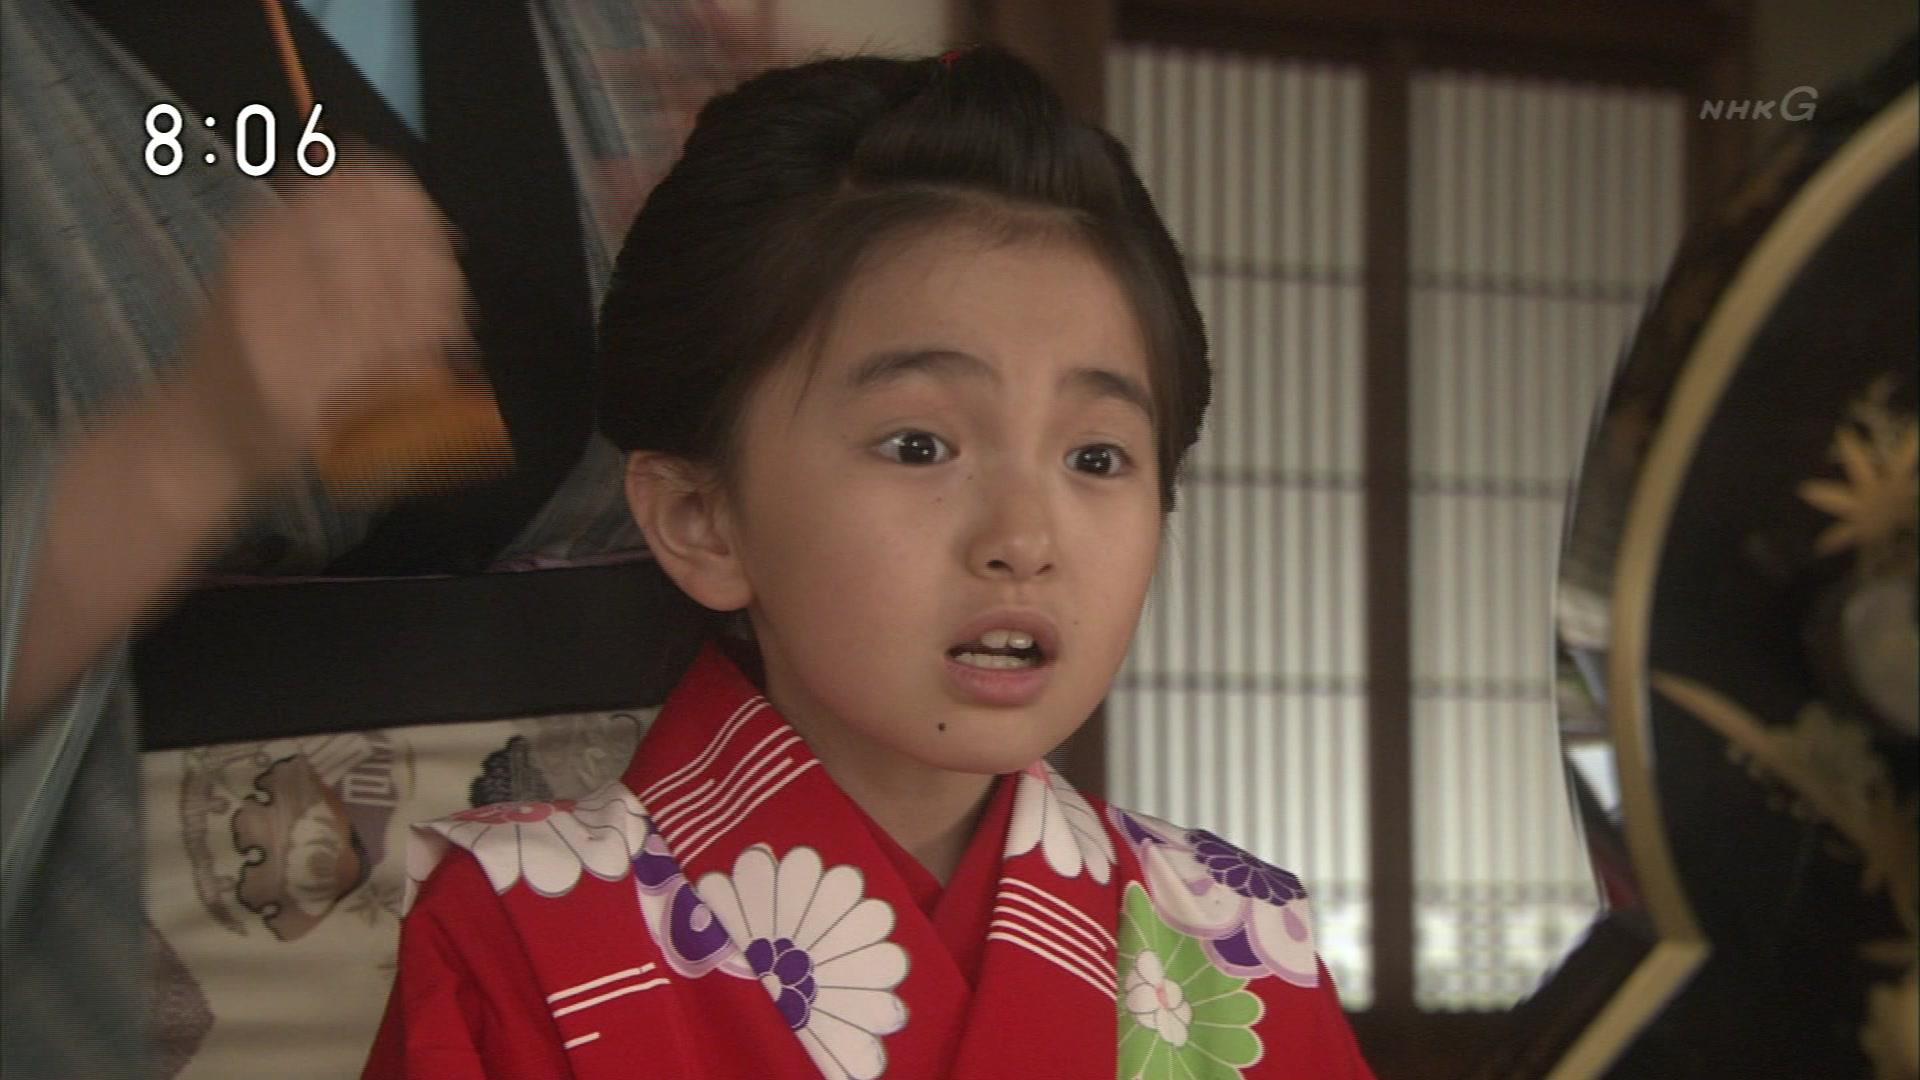 2015-09-28 08:00 連続テレビ小説 あさが来た(1)「小さな許嫁(いいなずけ)」 12655